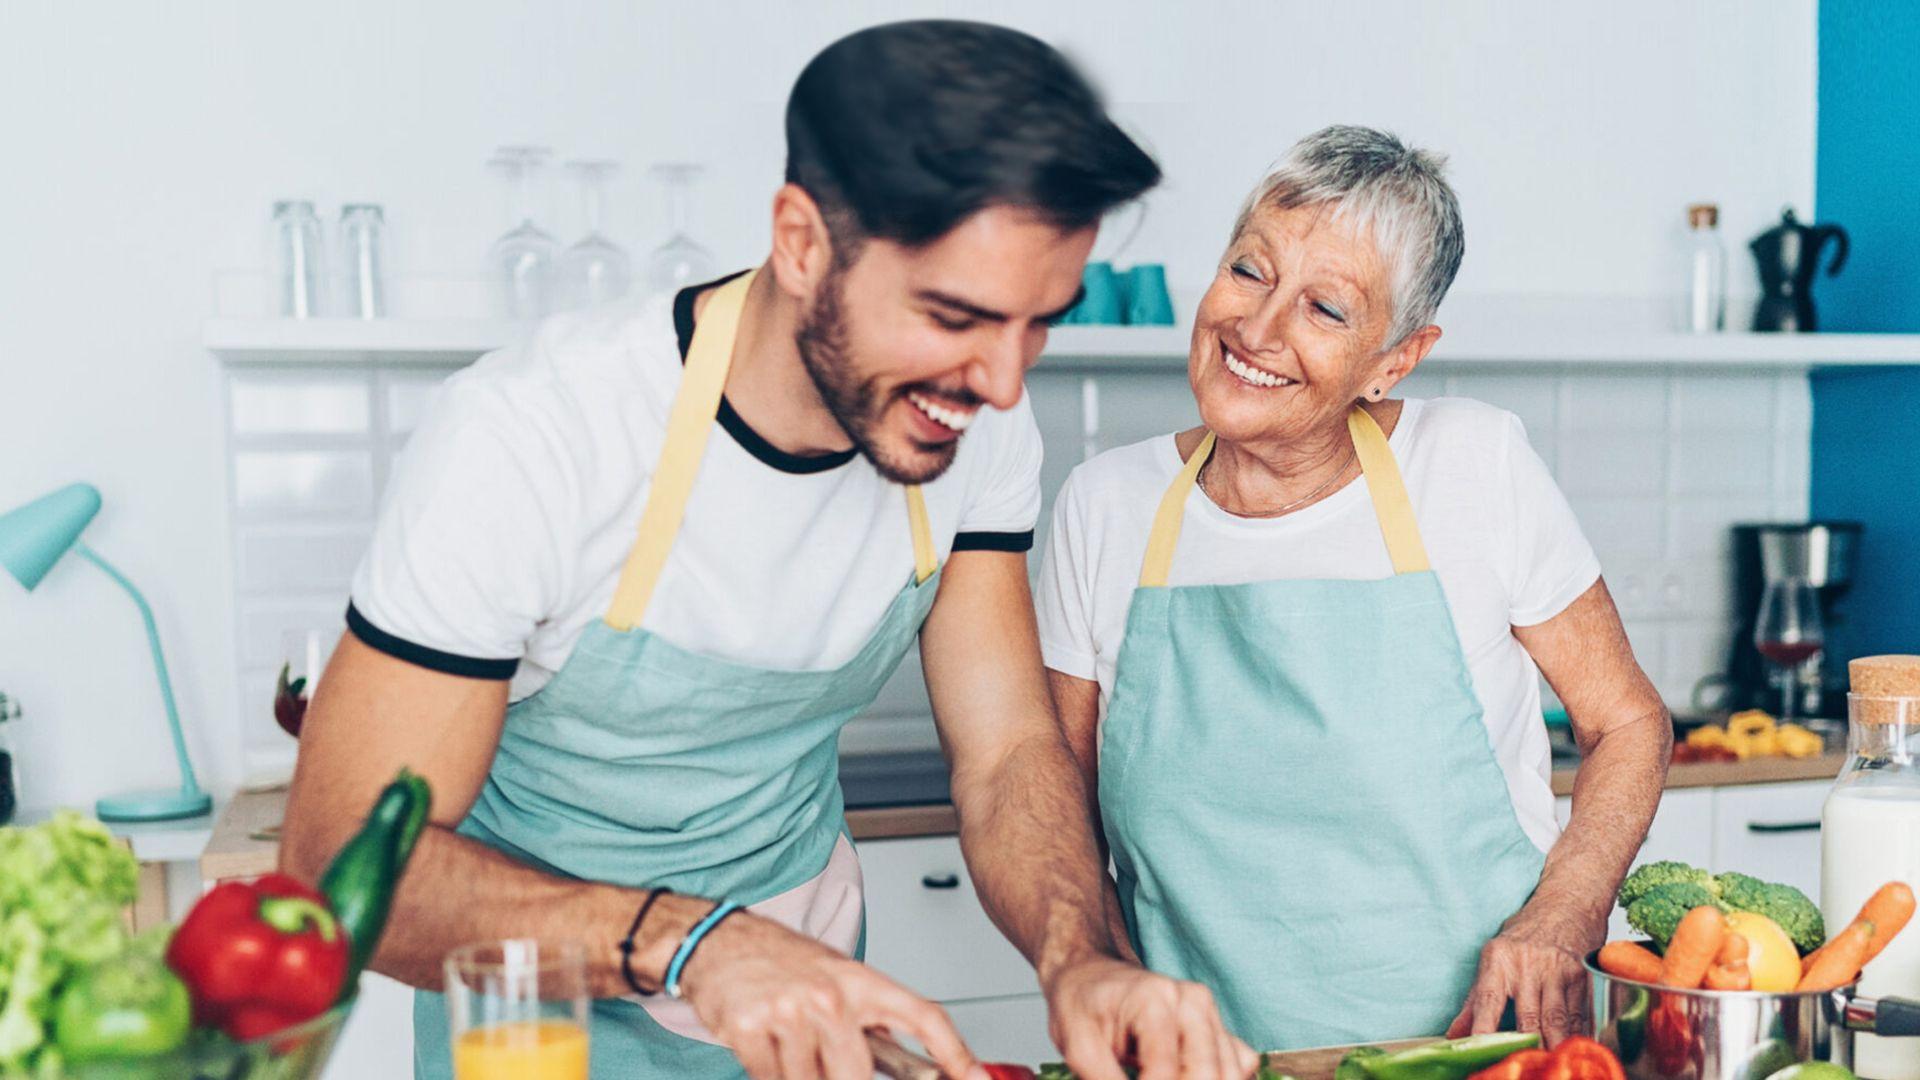 homme et maman sourire joyeux cuisine